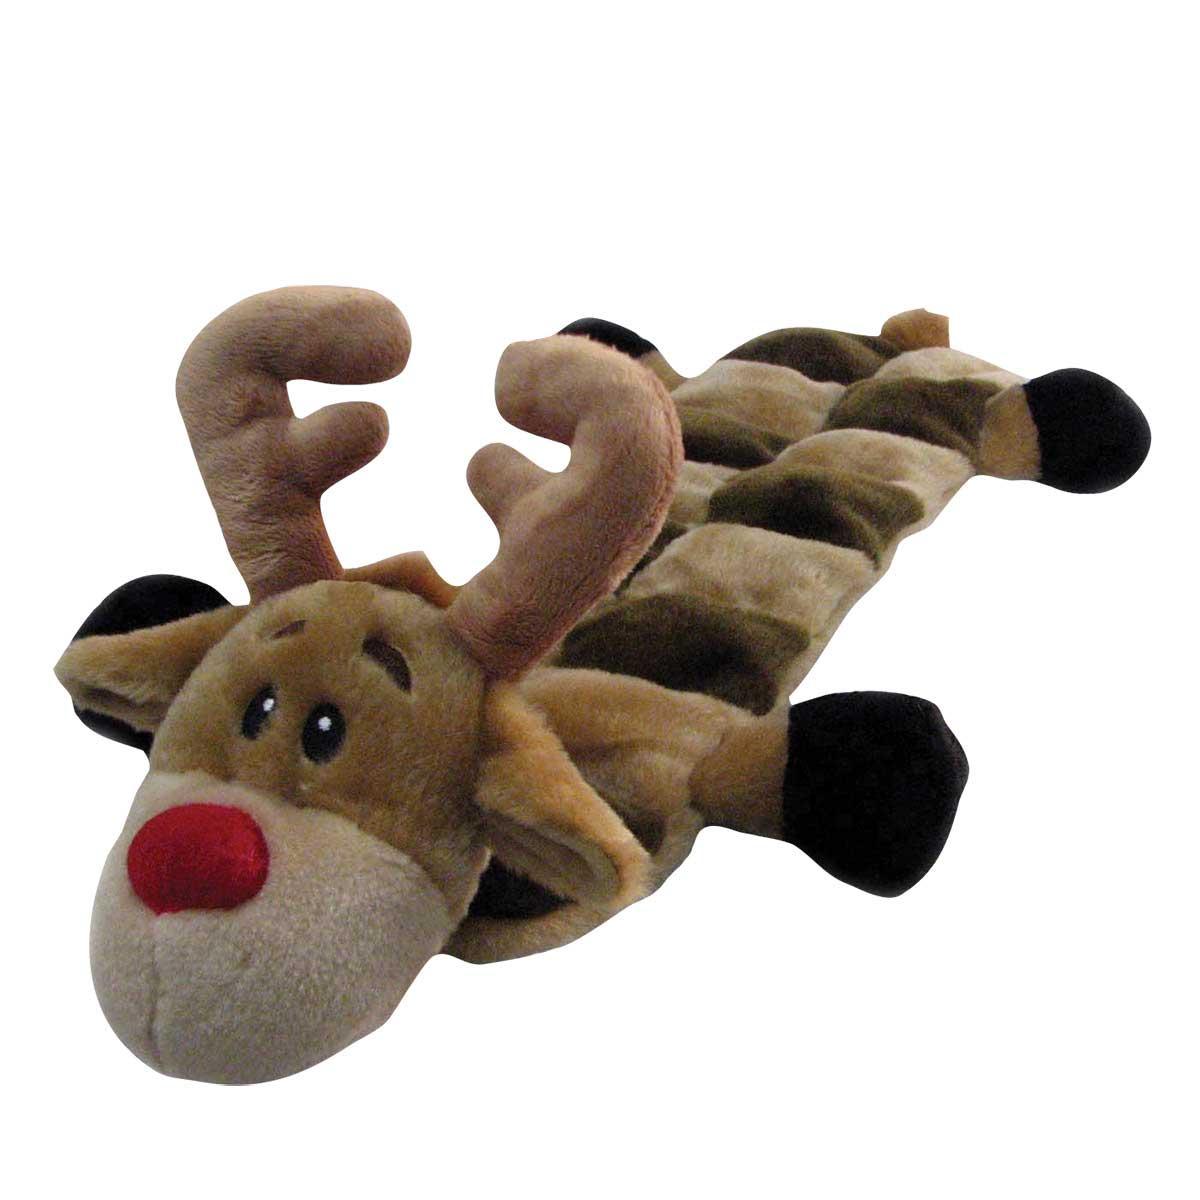 Outward Hound Squeaker Mat Reindeer Long Body Dog Toy